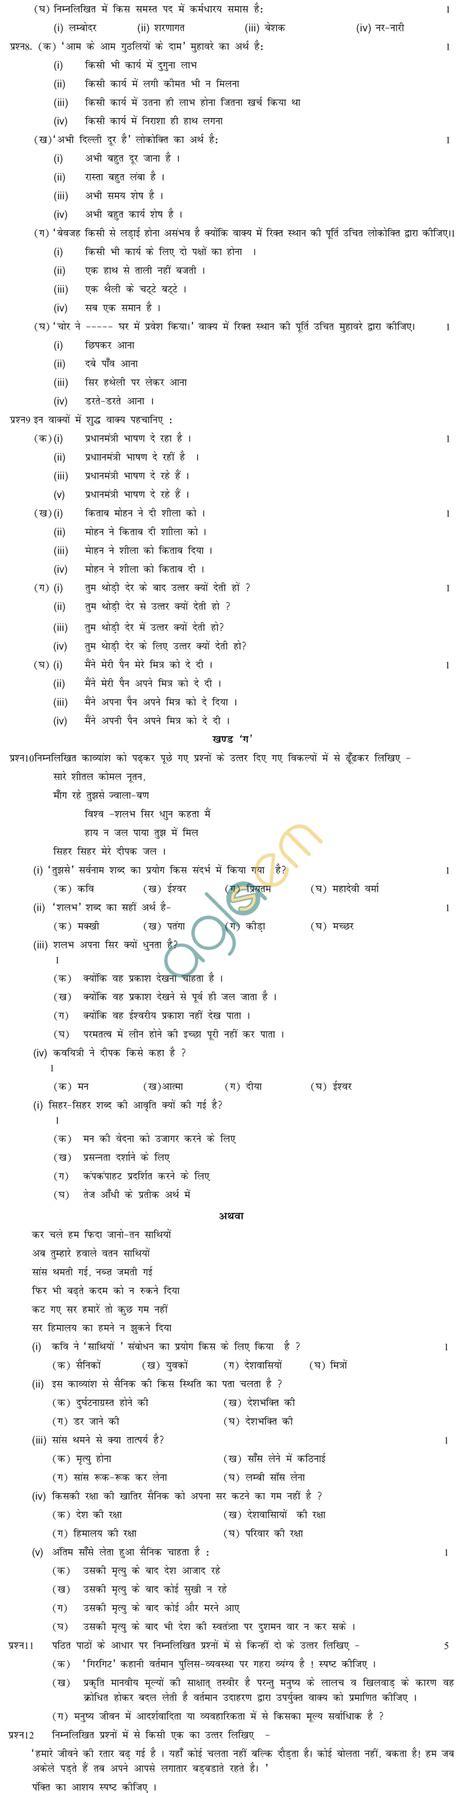 grammar worksheets for class 10 cbse sa2